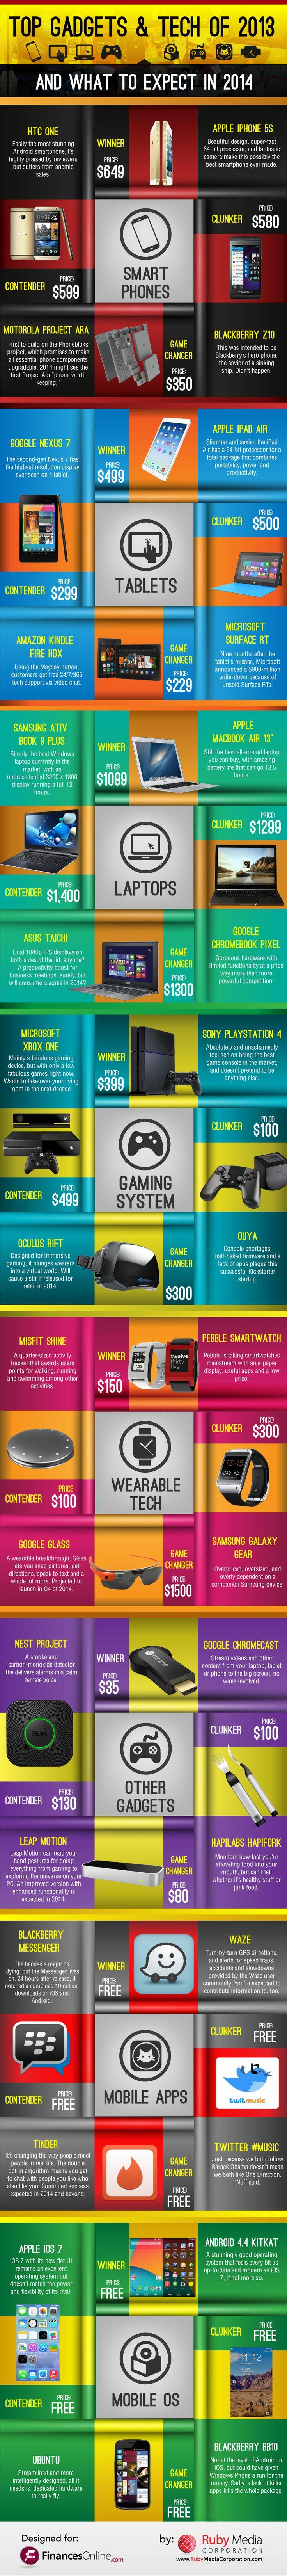 Top-Gadget-2013 [Infographie] Les Top Gadgets et Technologies de 2013 !